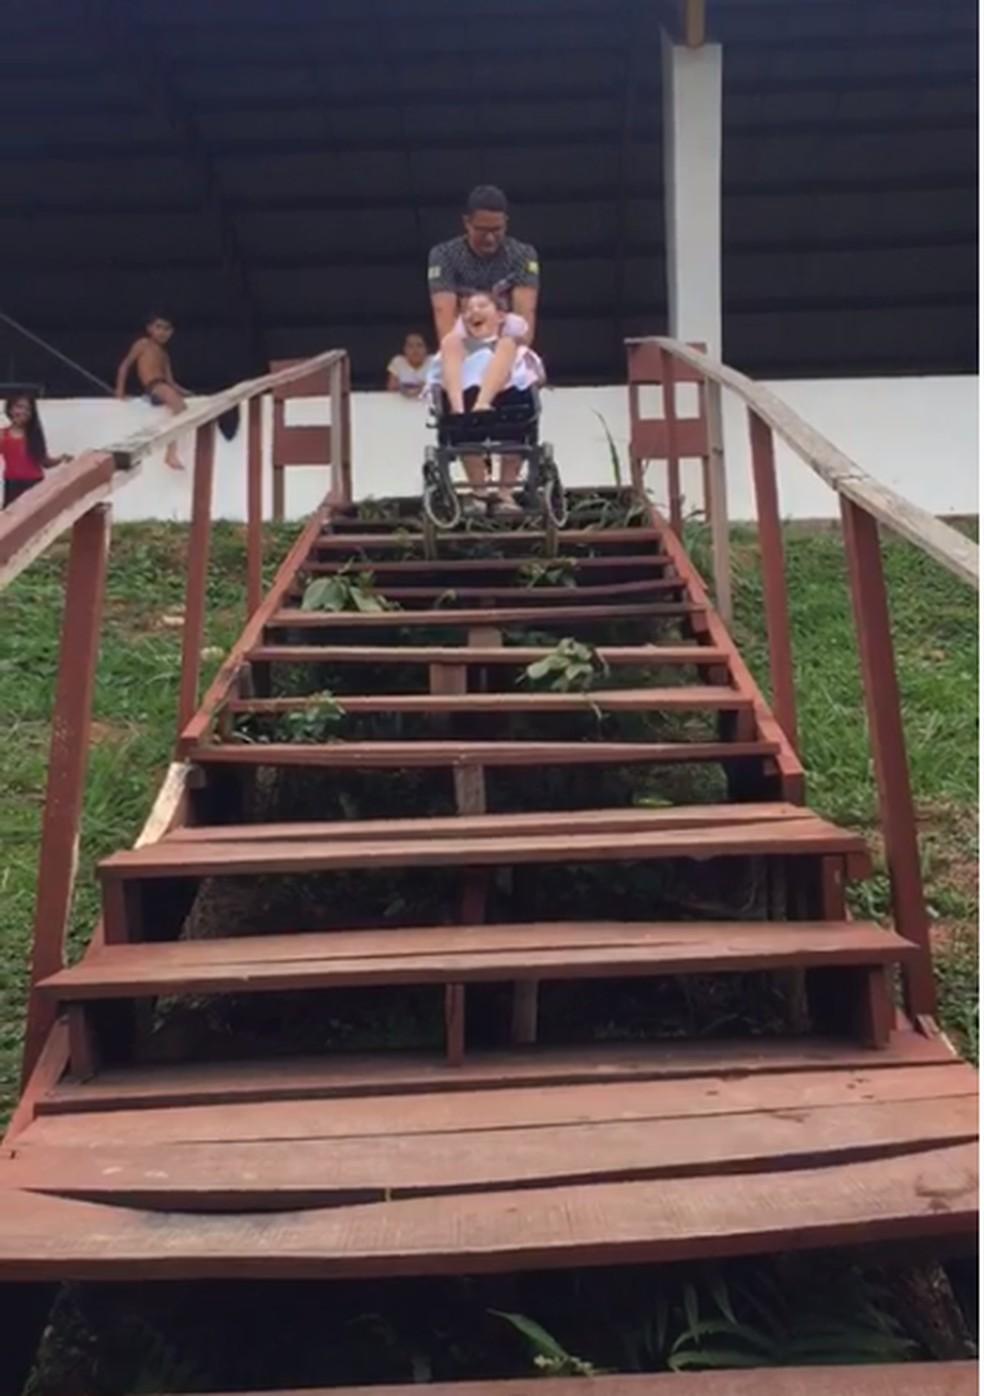 Pai e filha descem escada de acesso à quadra de escola — Foto: Reprodução